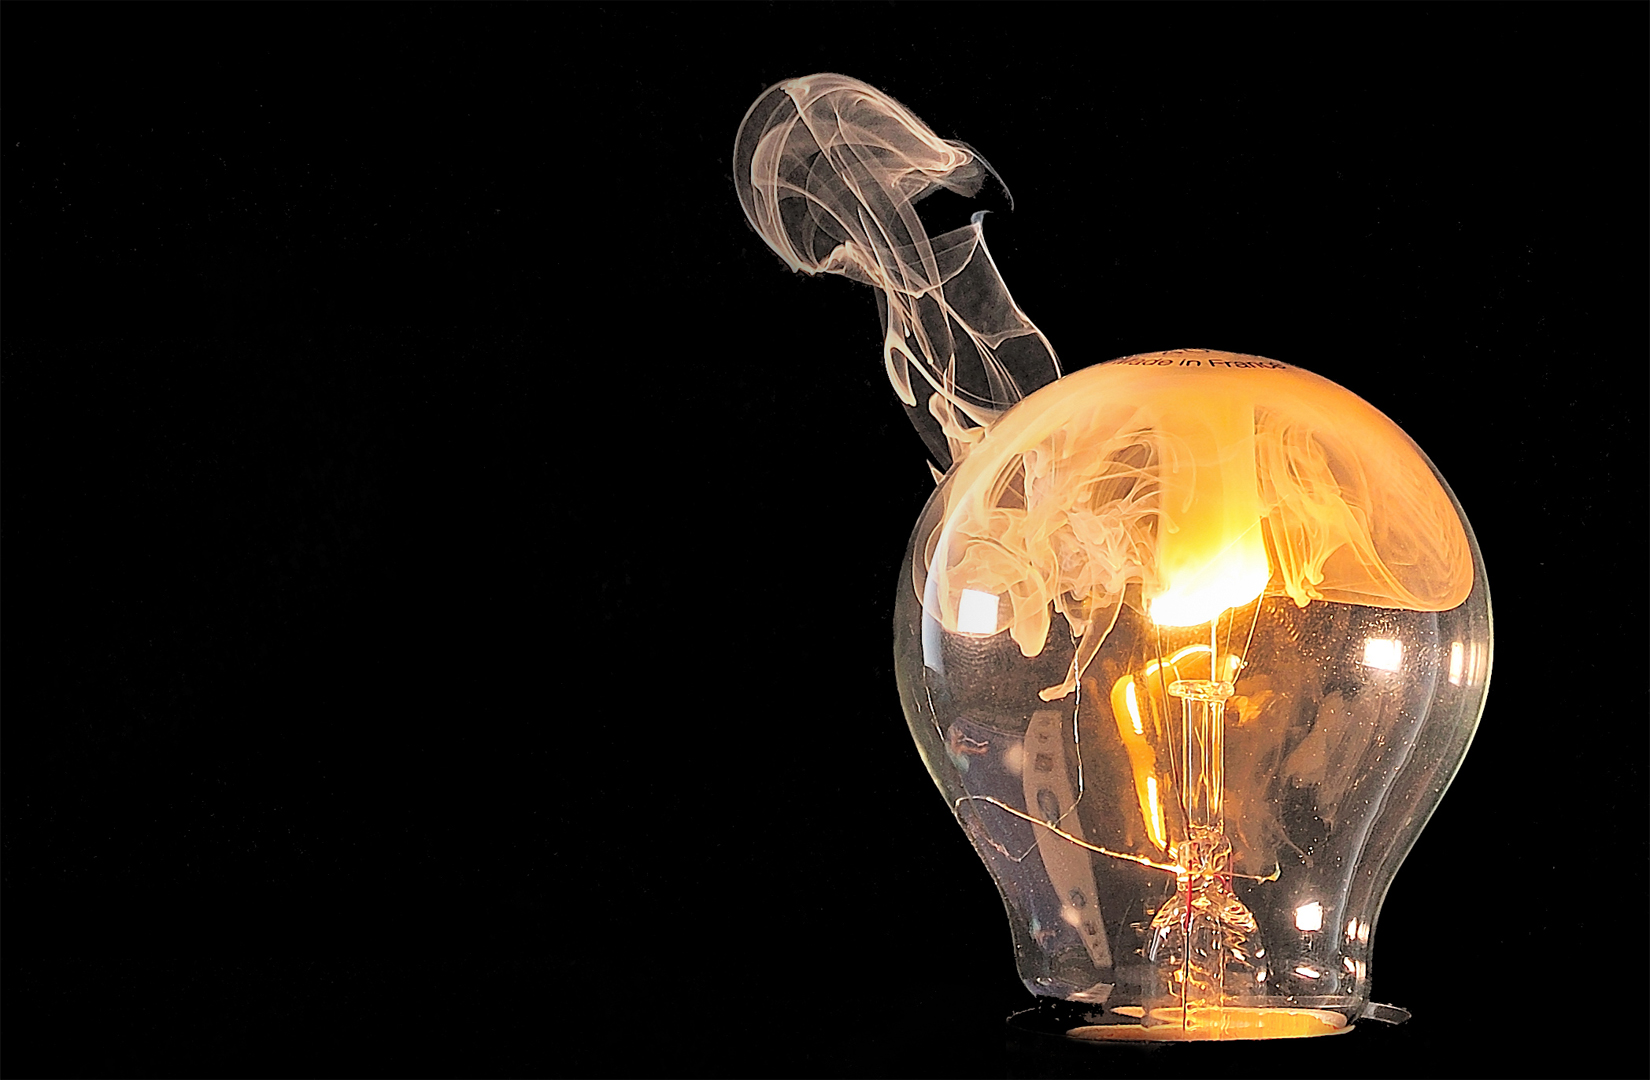 rauchende gl hbirne foto bild fotokunst licht und. Black Bedroom Furniture Sets. Home Design Ideas